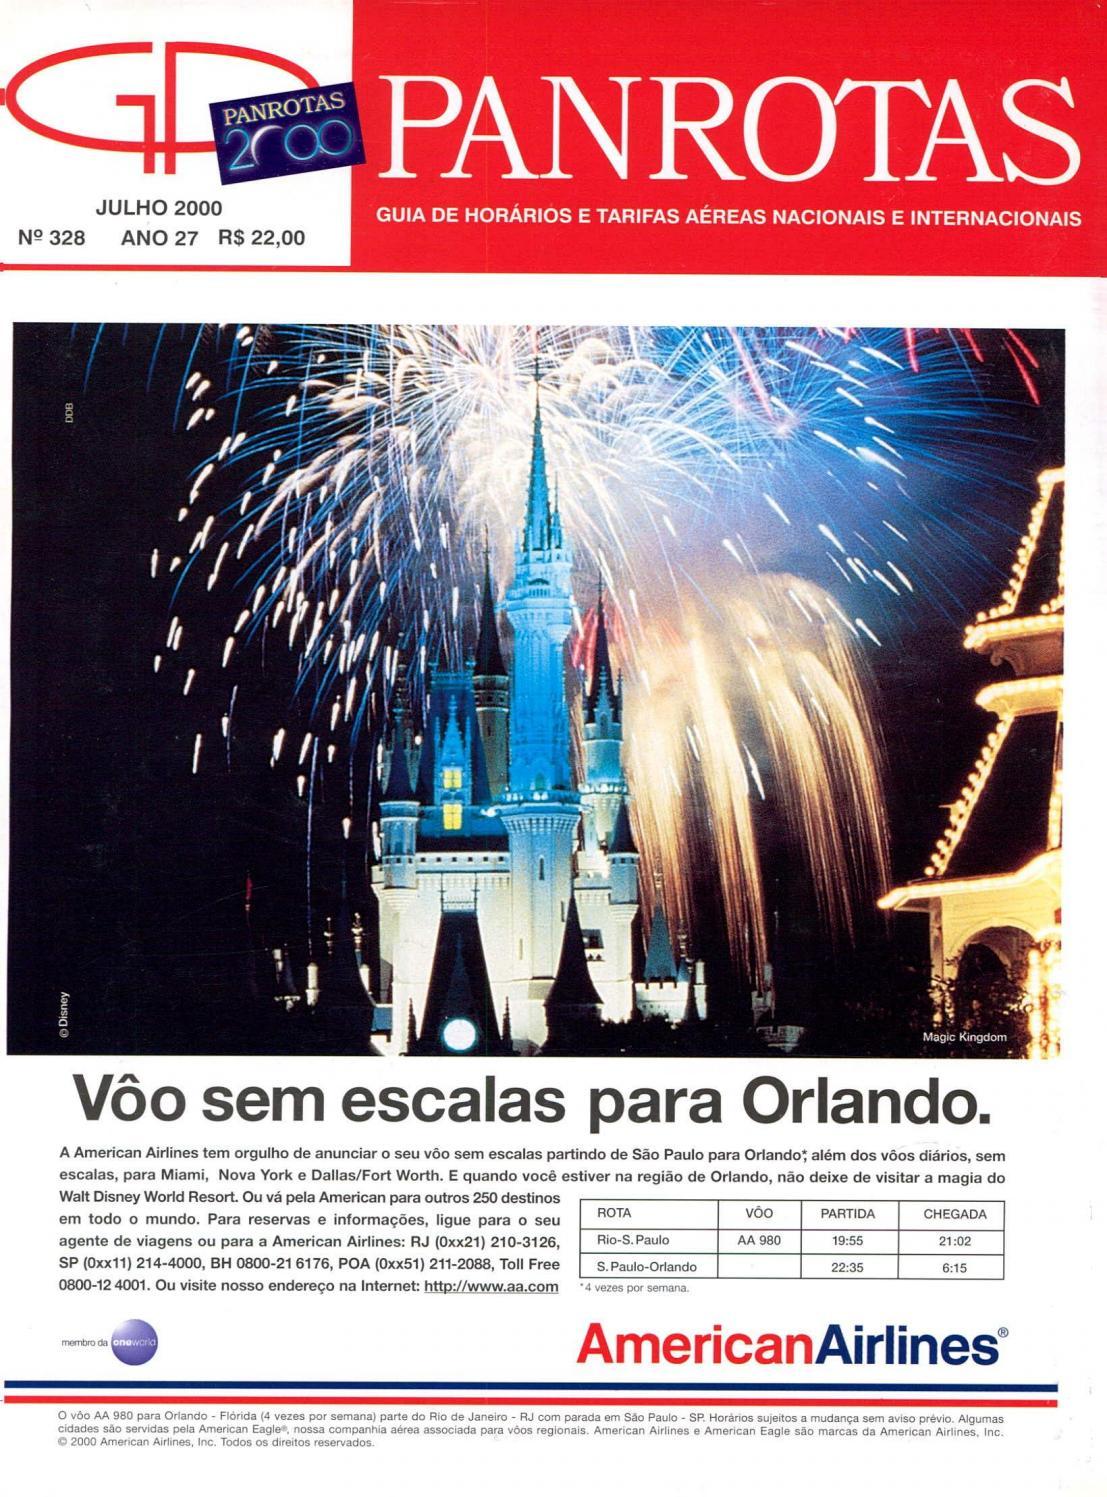 807e0d78f08 Guia PANROTAS - Edição 328 - Julho 2000 by PANROTAS Editora - issuu